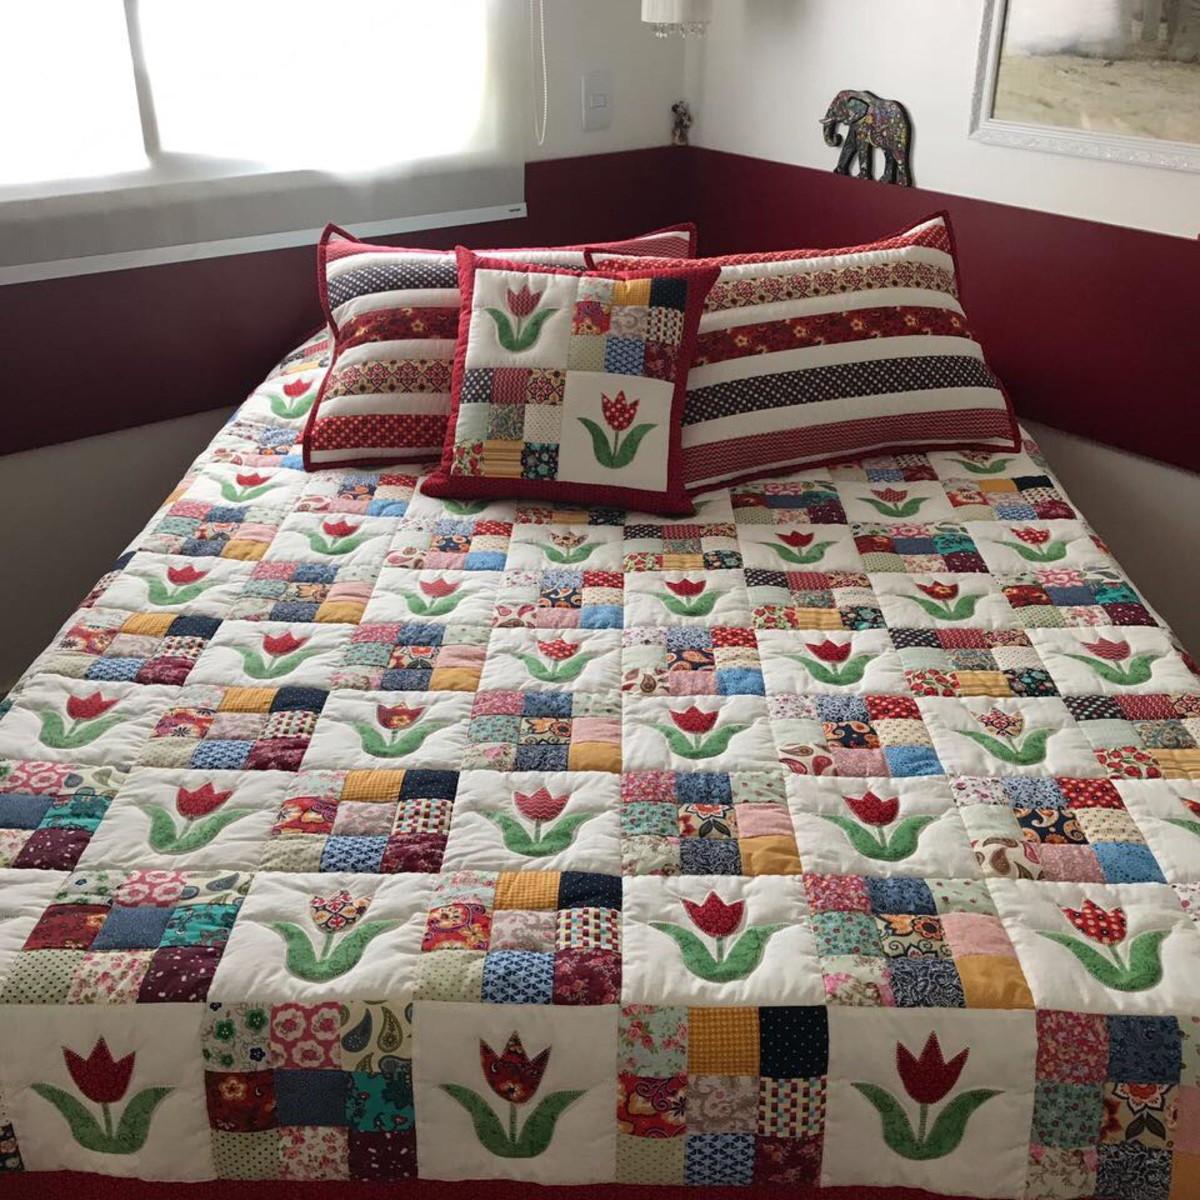 Colcha patch tulipas no elo7 k em kasa 99dc81 - Colcha patchwork ...